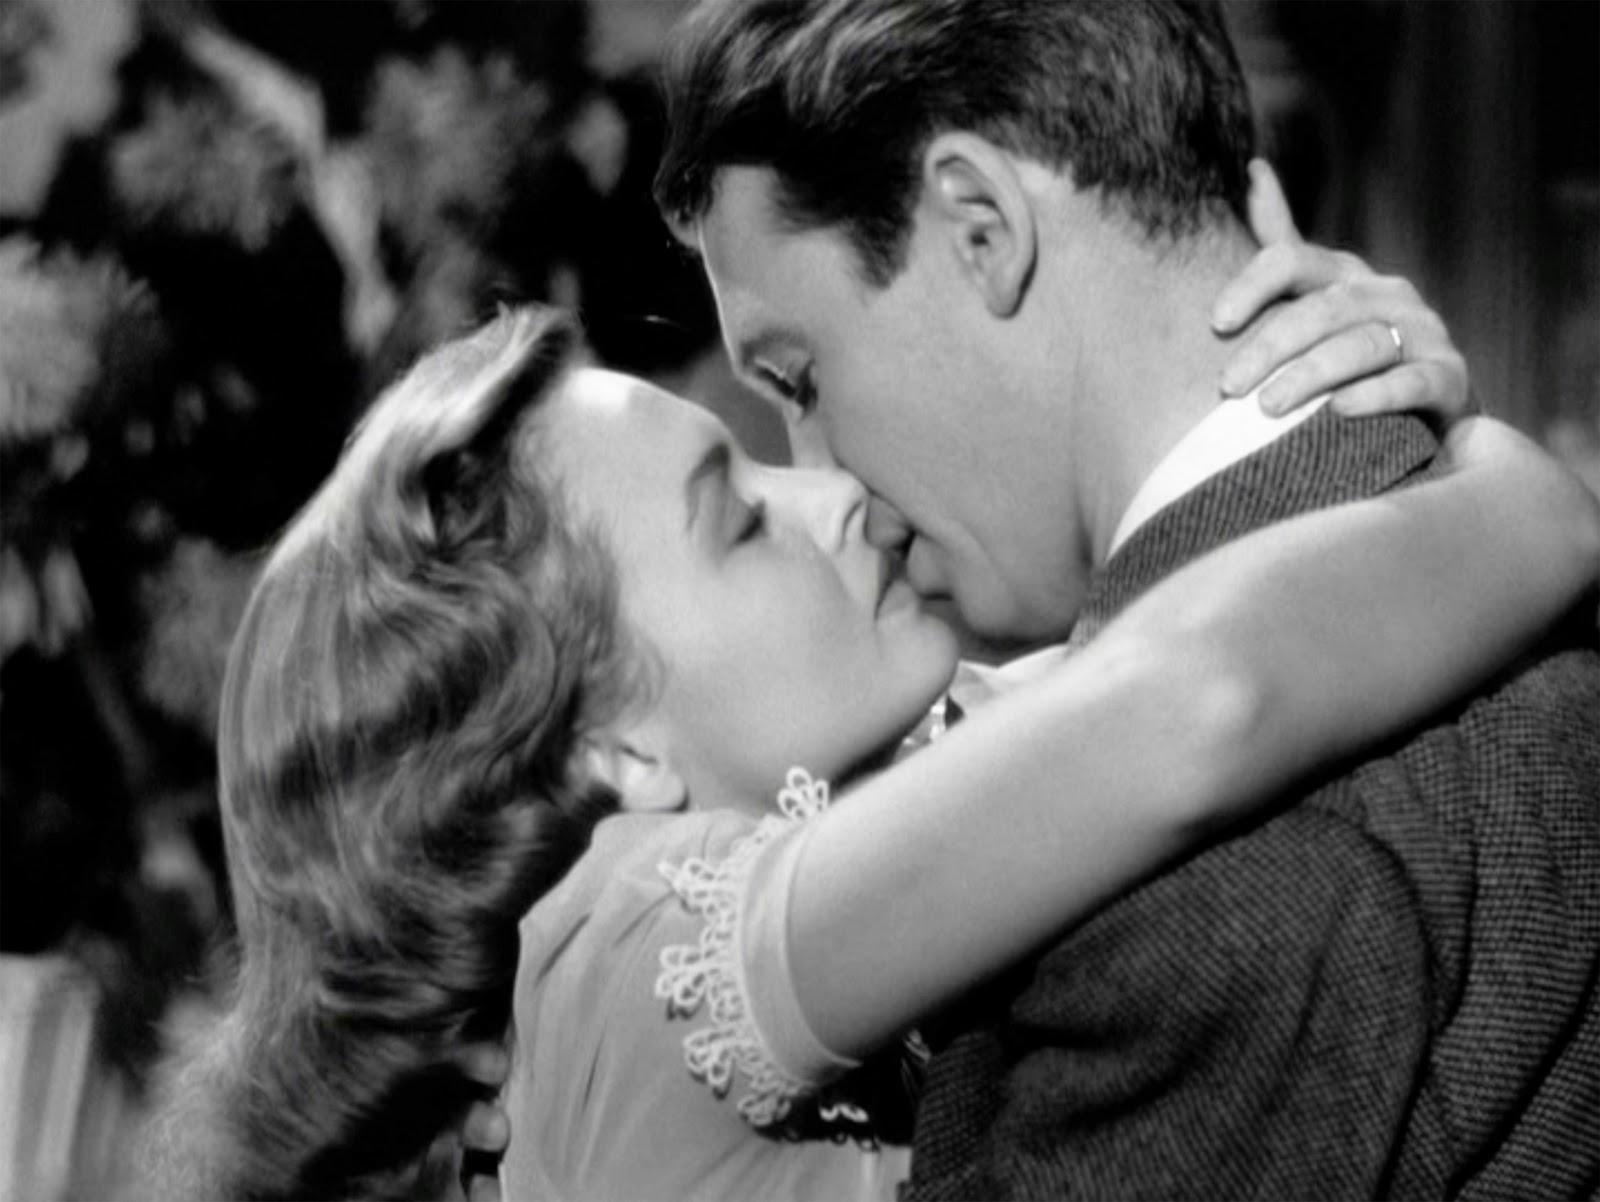 сфере фотографии самые известные поцелуи фото безмерного, правильного настроя